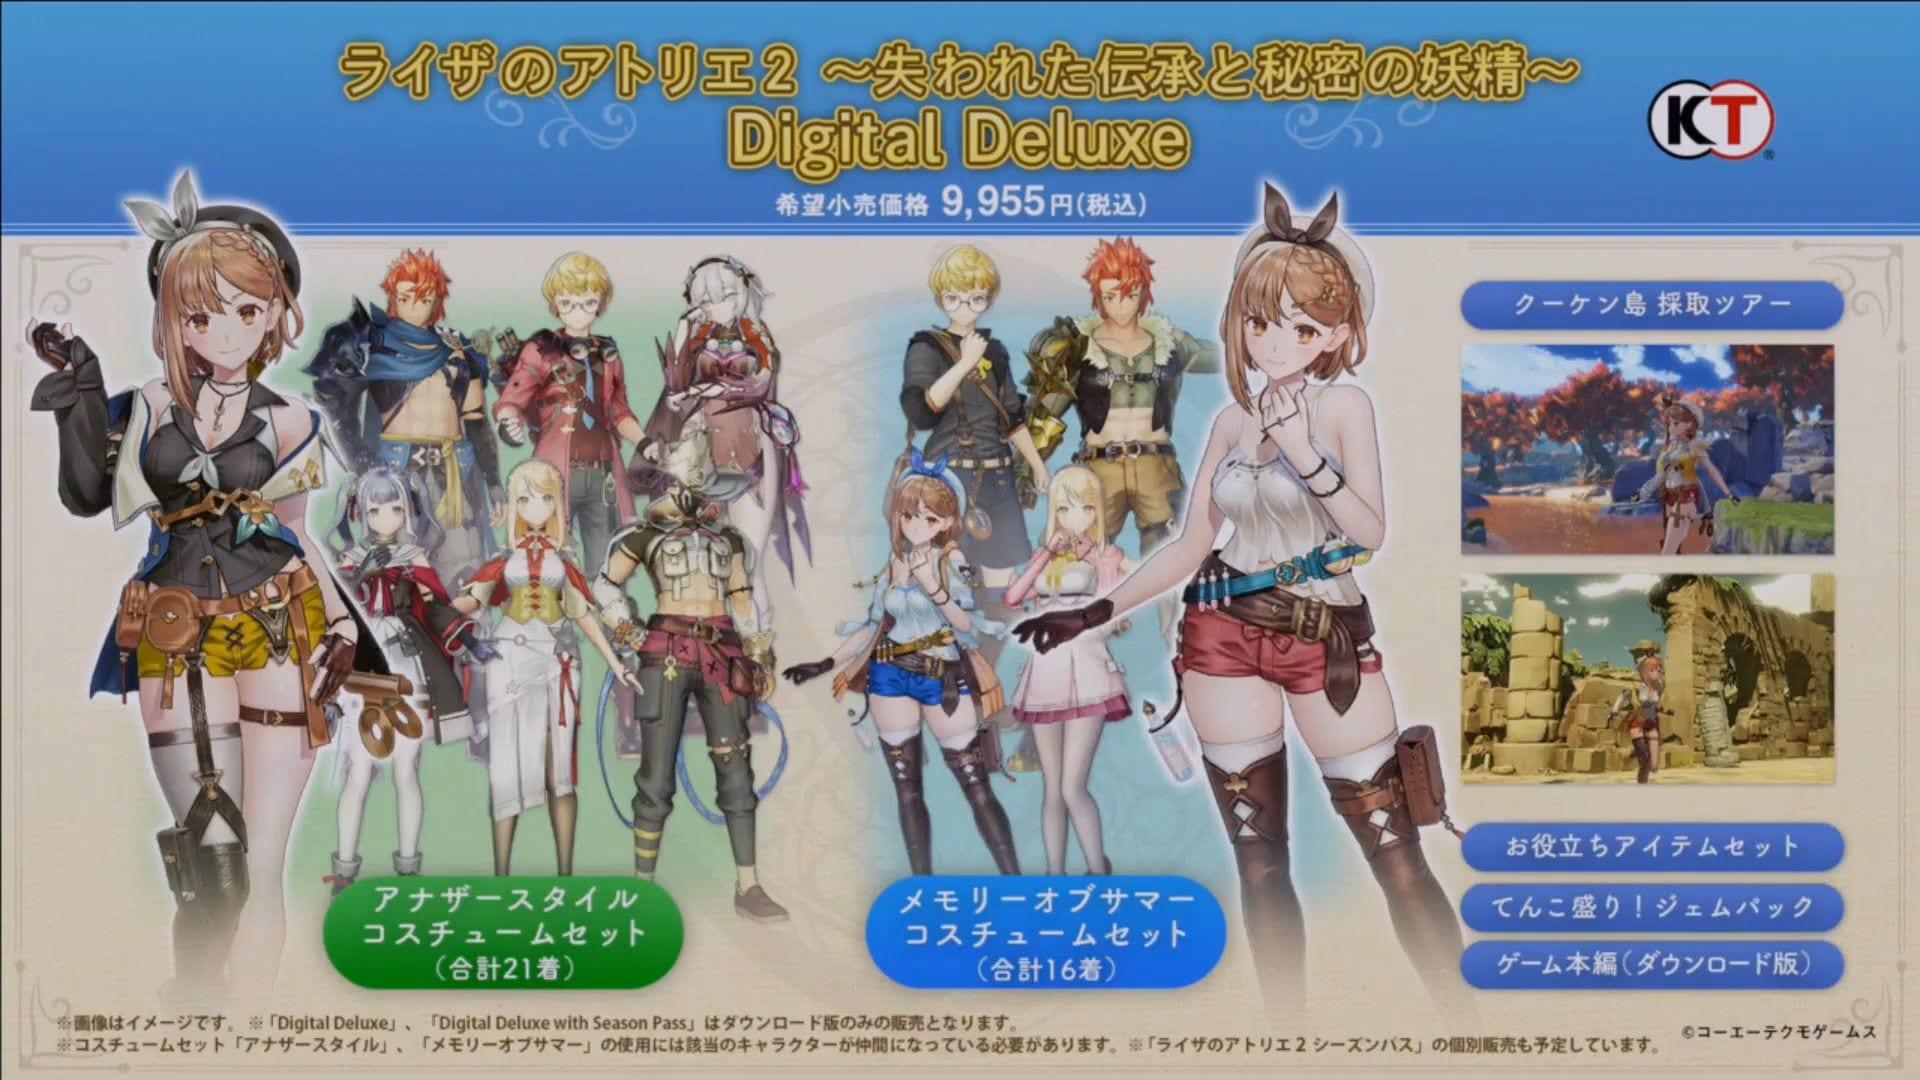 Atelier Ryza 2 Reveals New Gameplay, Theme Tune, Digital Deluxe Editions, & Inevitable Season Go 1